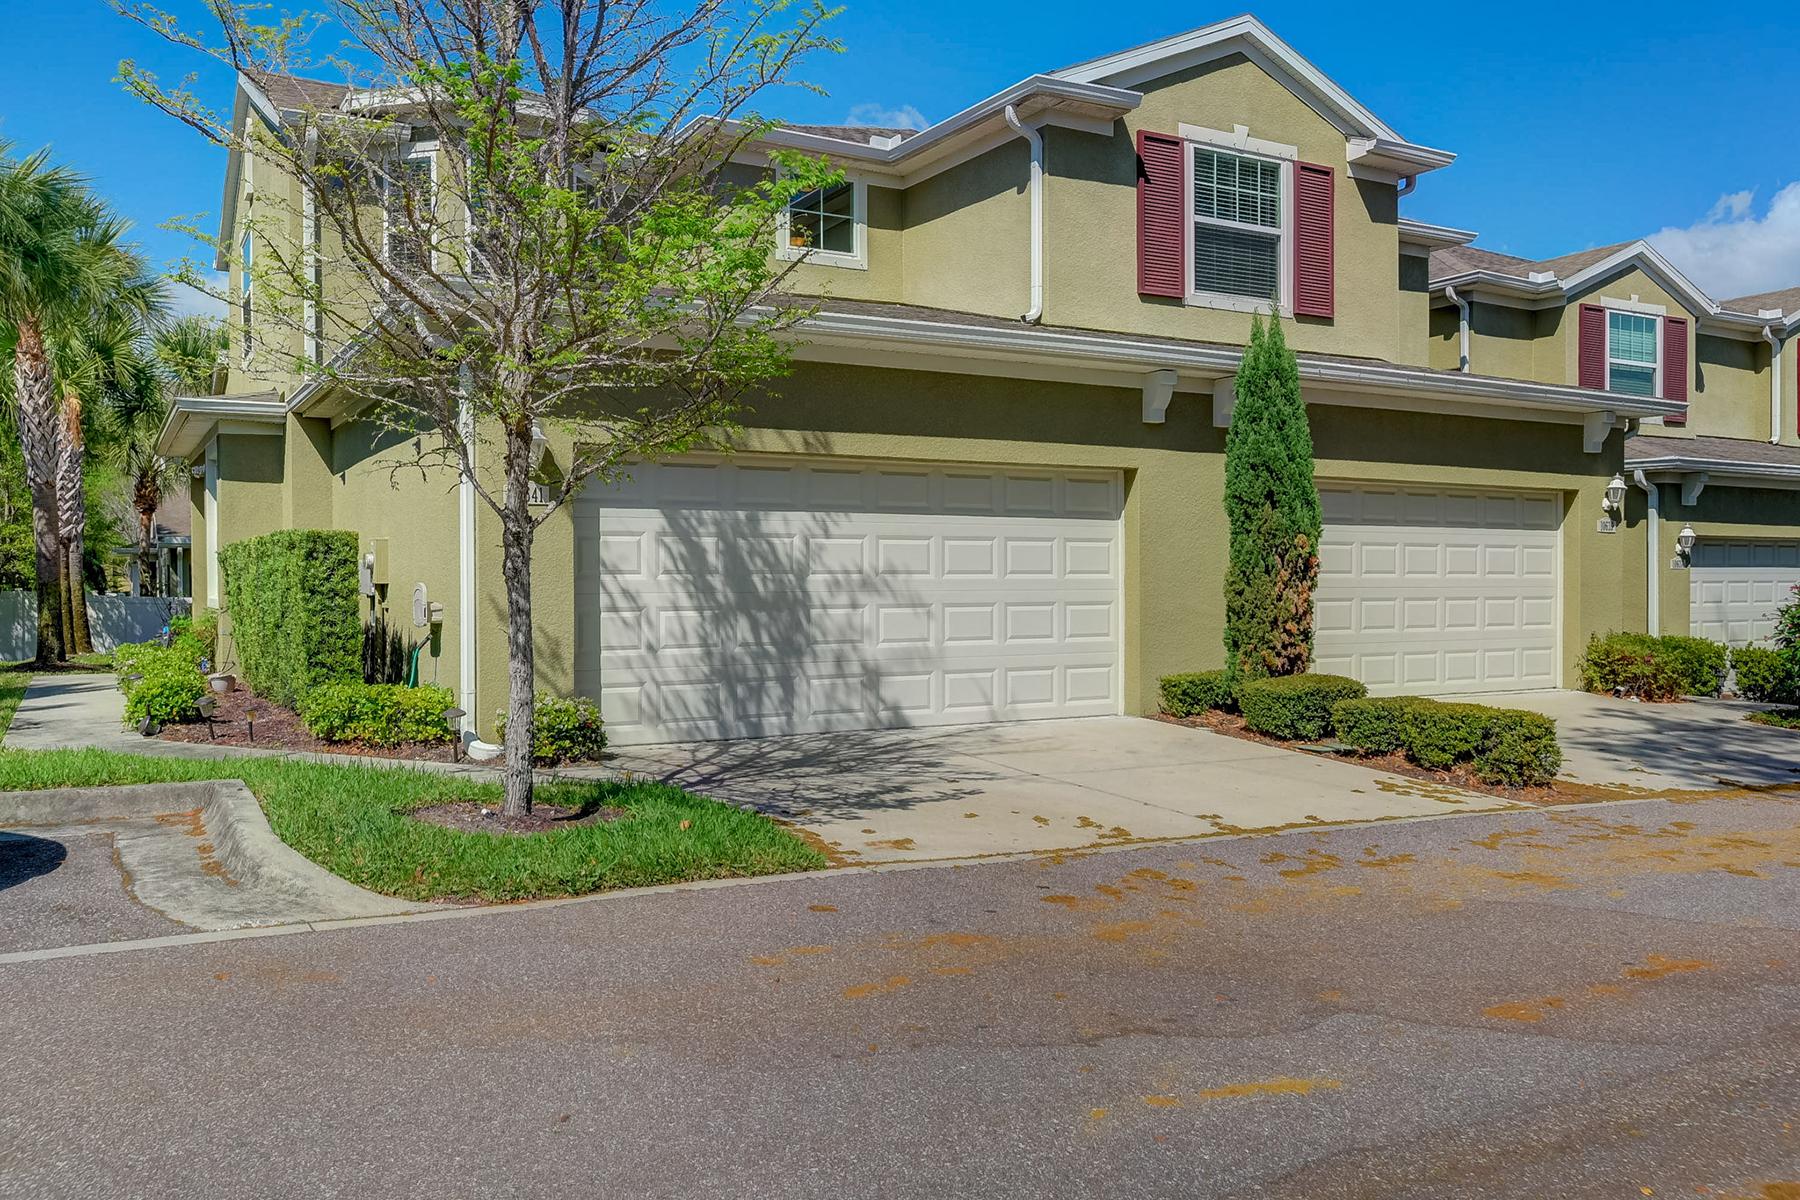 townhouses for Active at LARGO 10641 Whittington Ct Largo, Florida 33773 United States